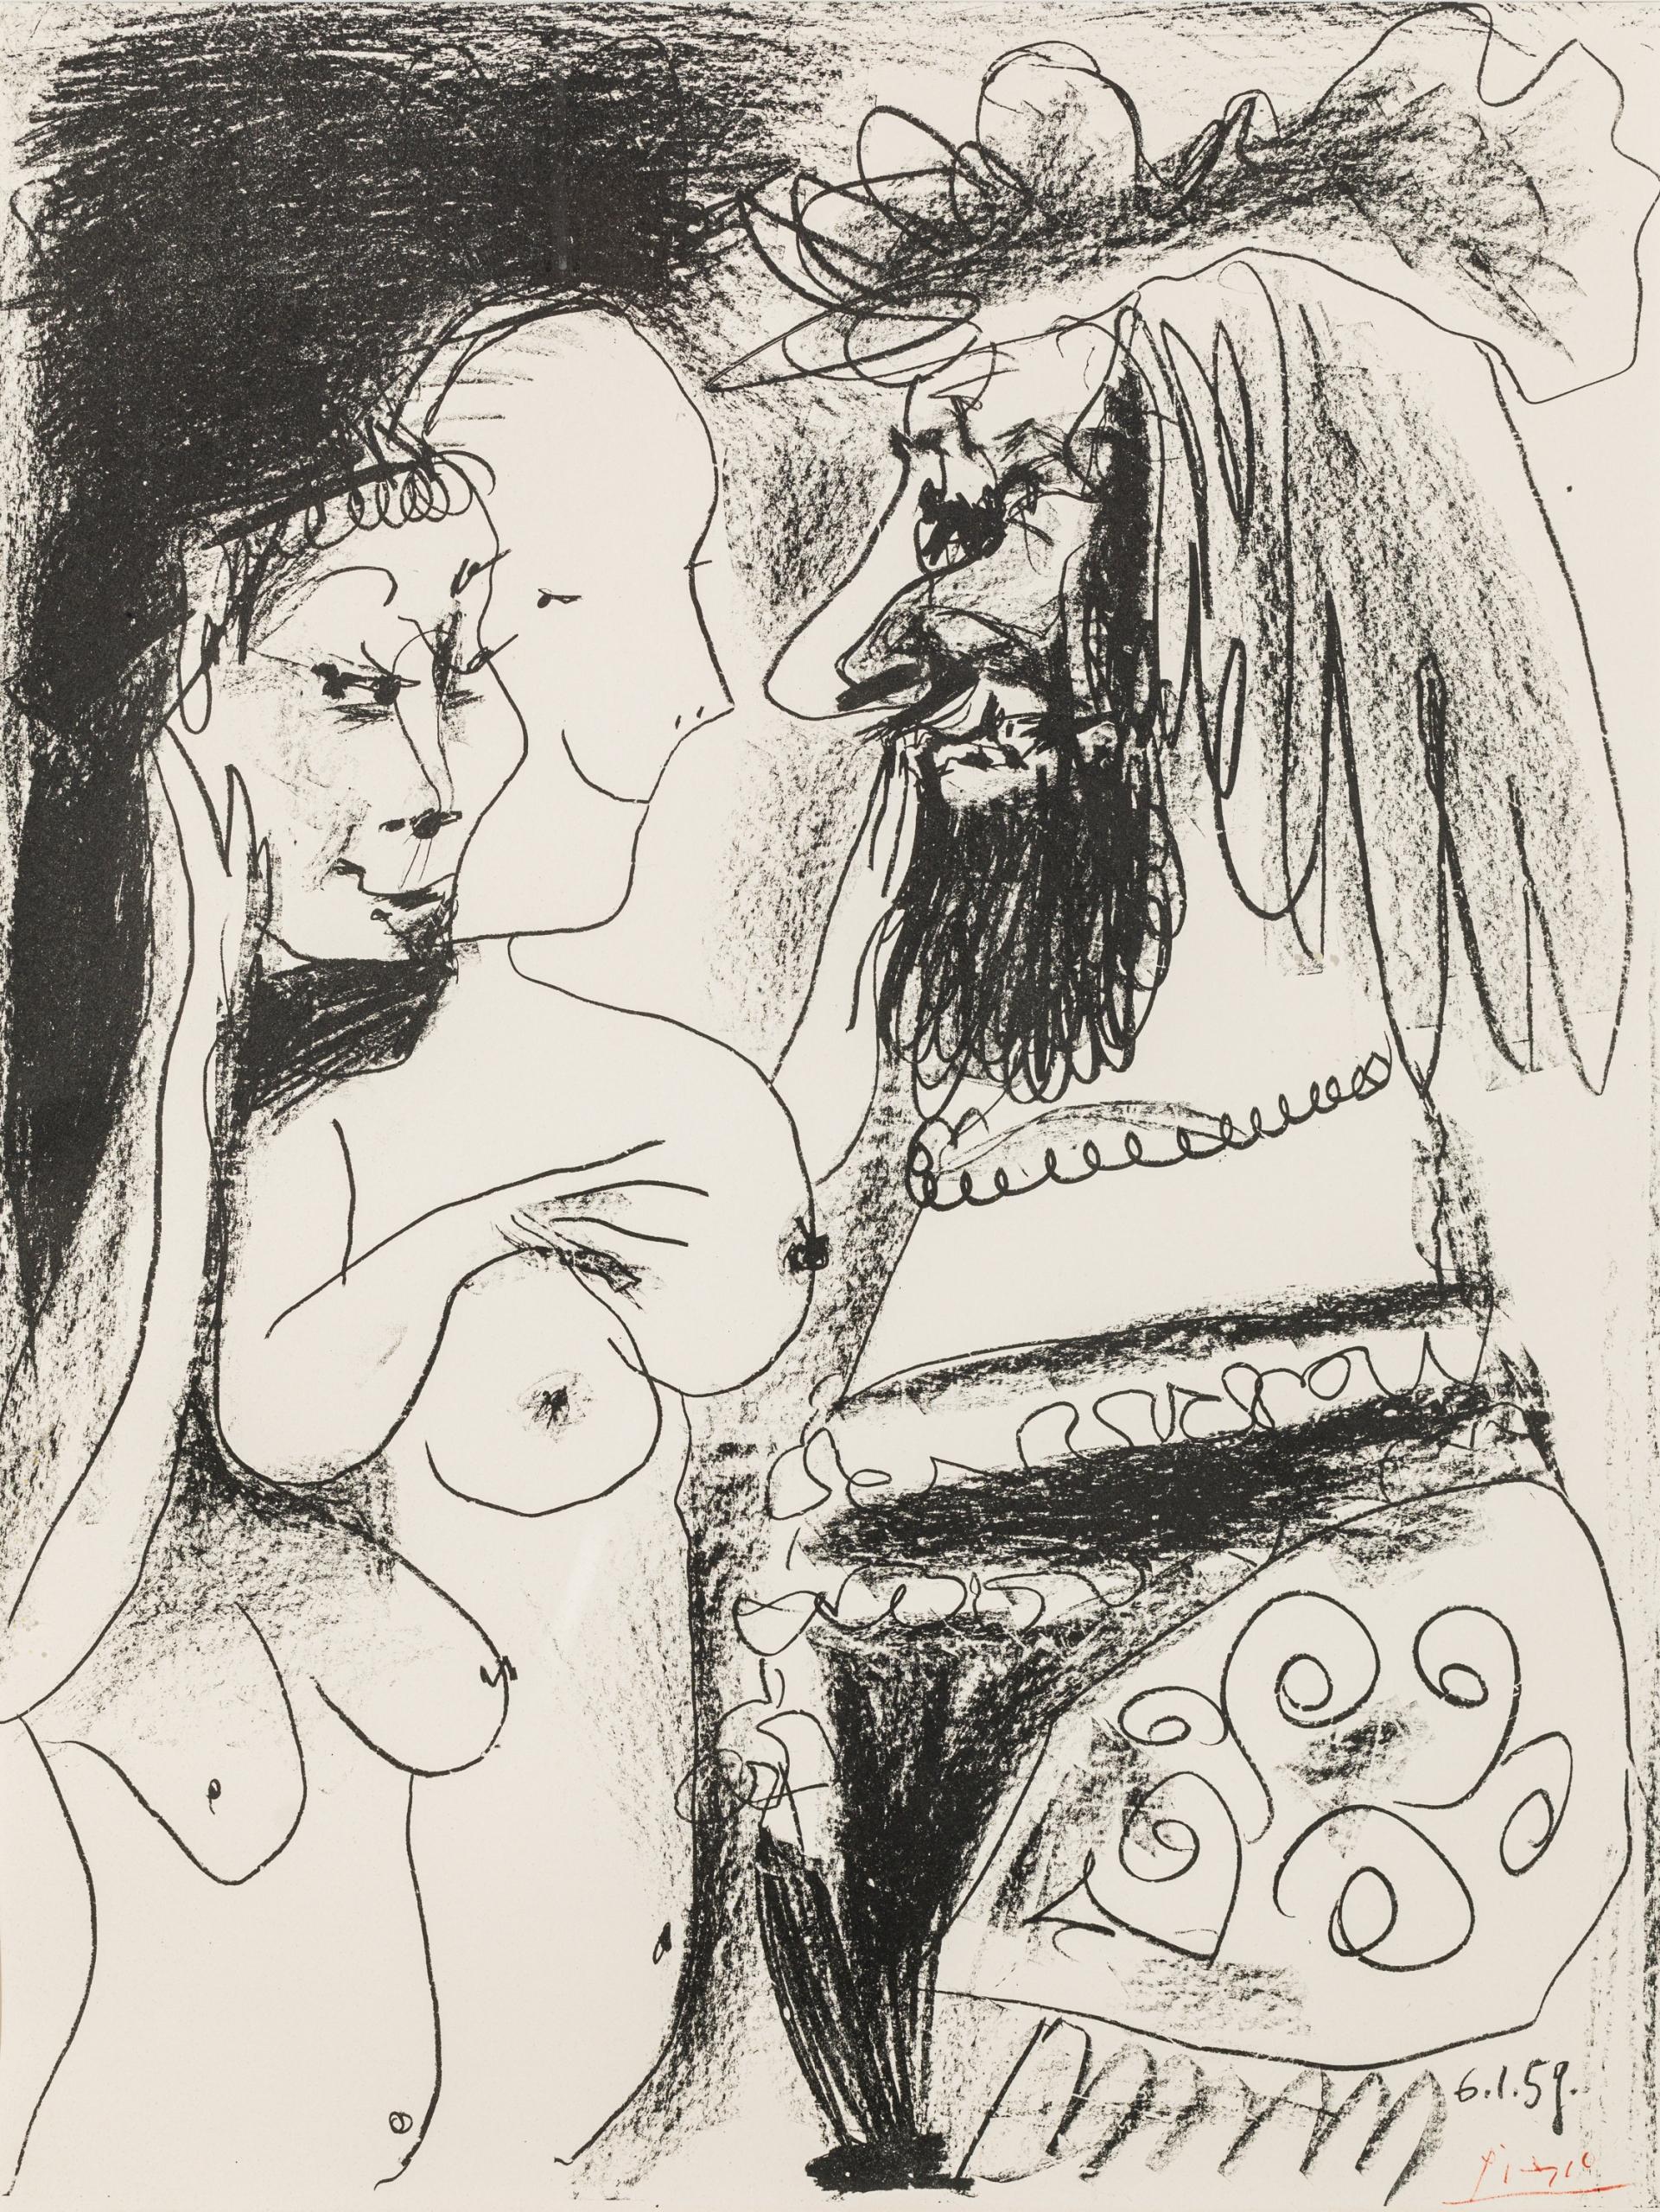 Pablo Ruis Picasso, Le Vieux Roi